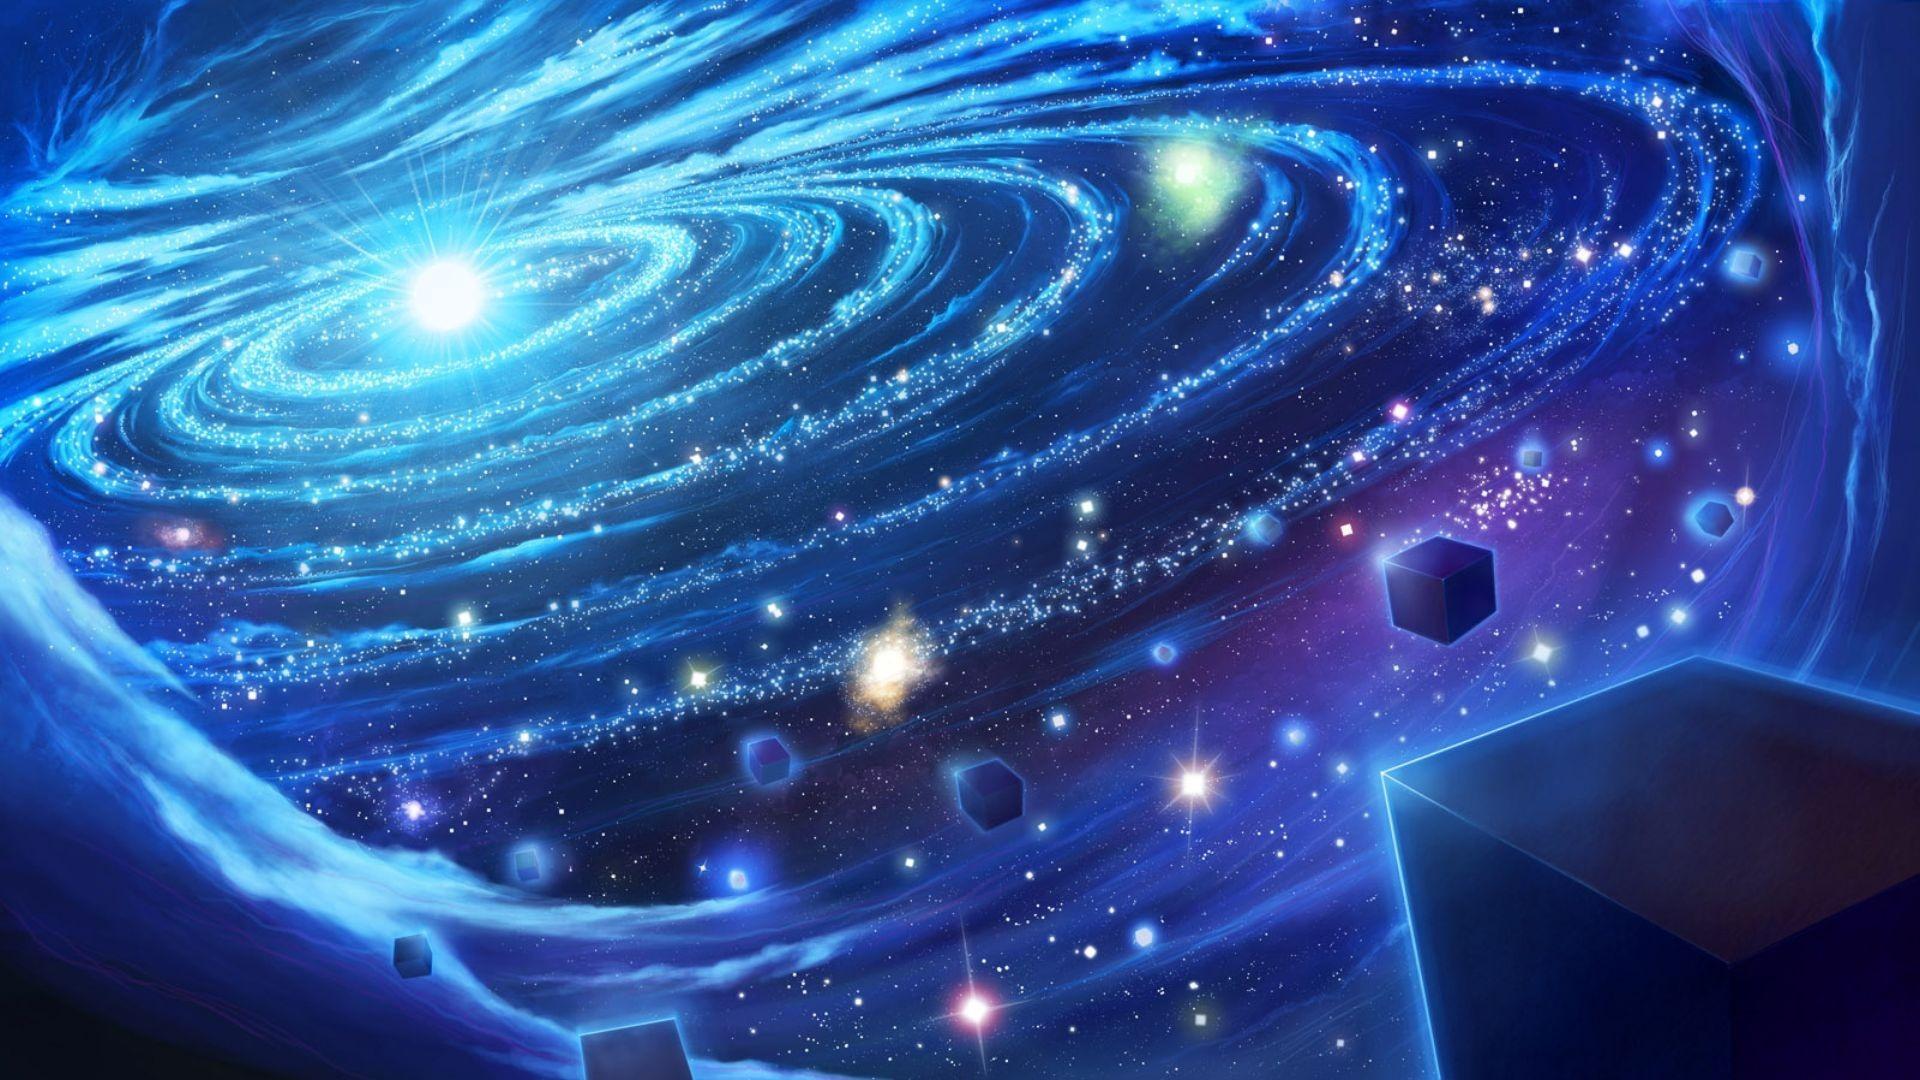 Обои космос галактики звезды картинки на рабочий стол на тему Космос - скачать скачать